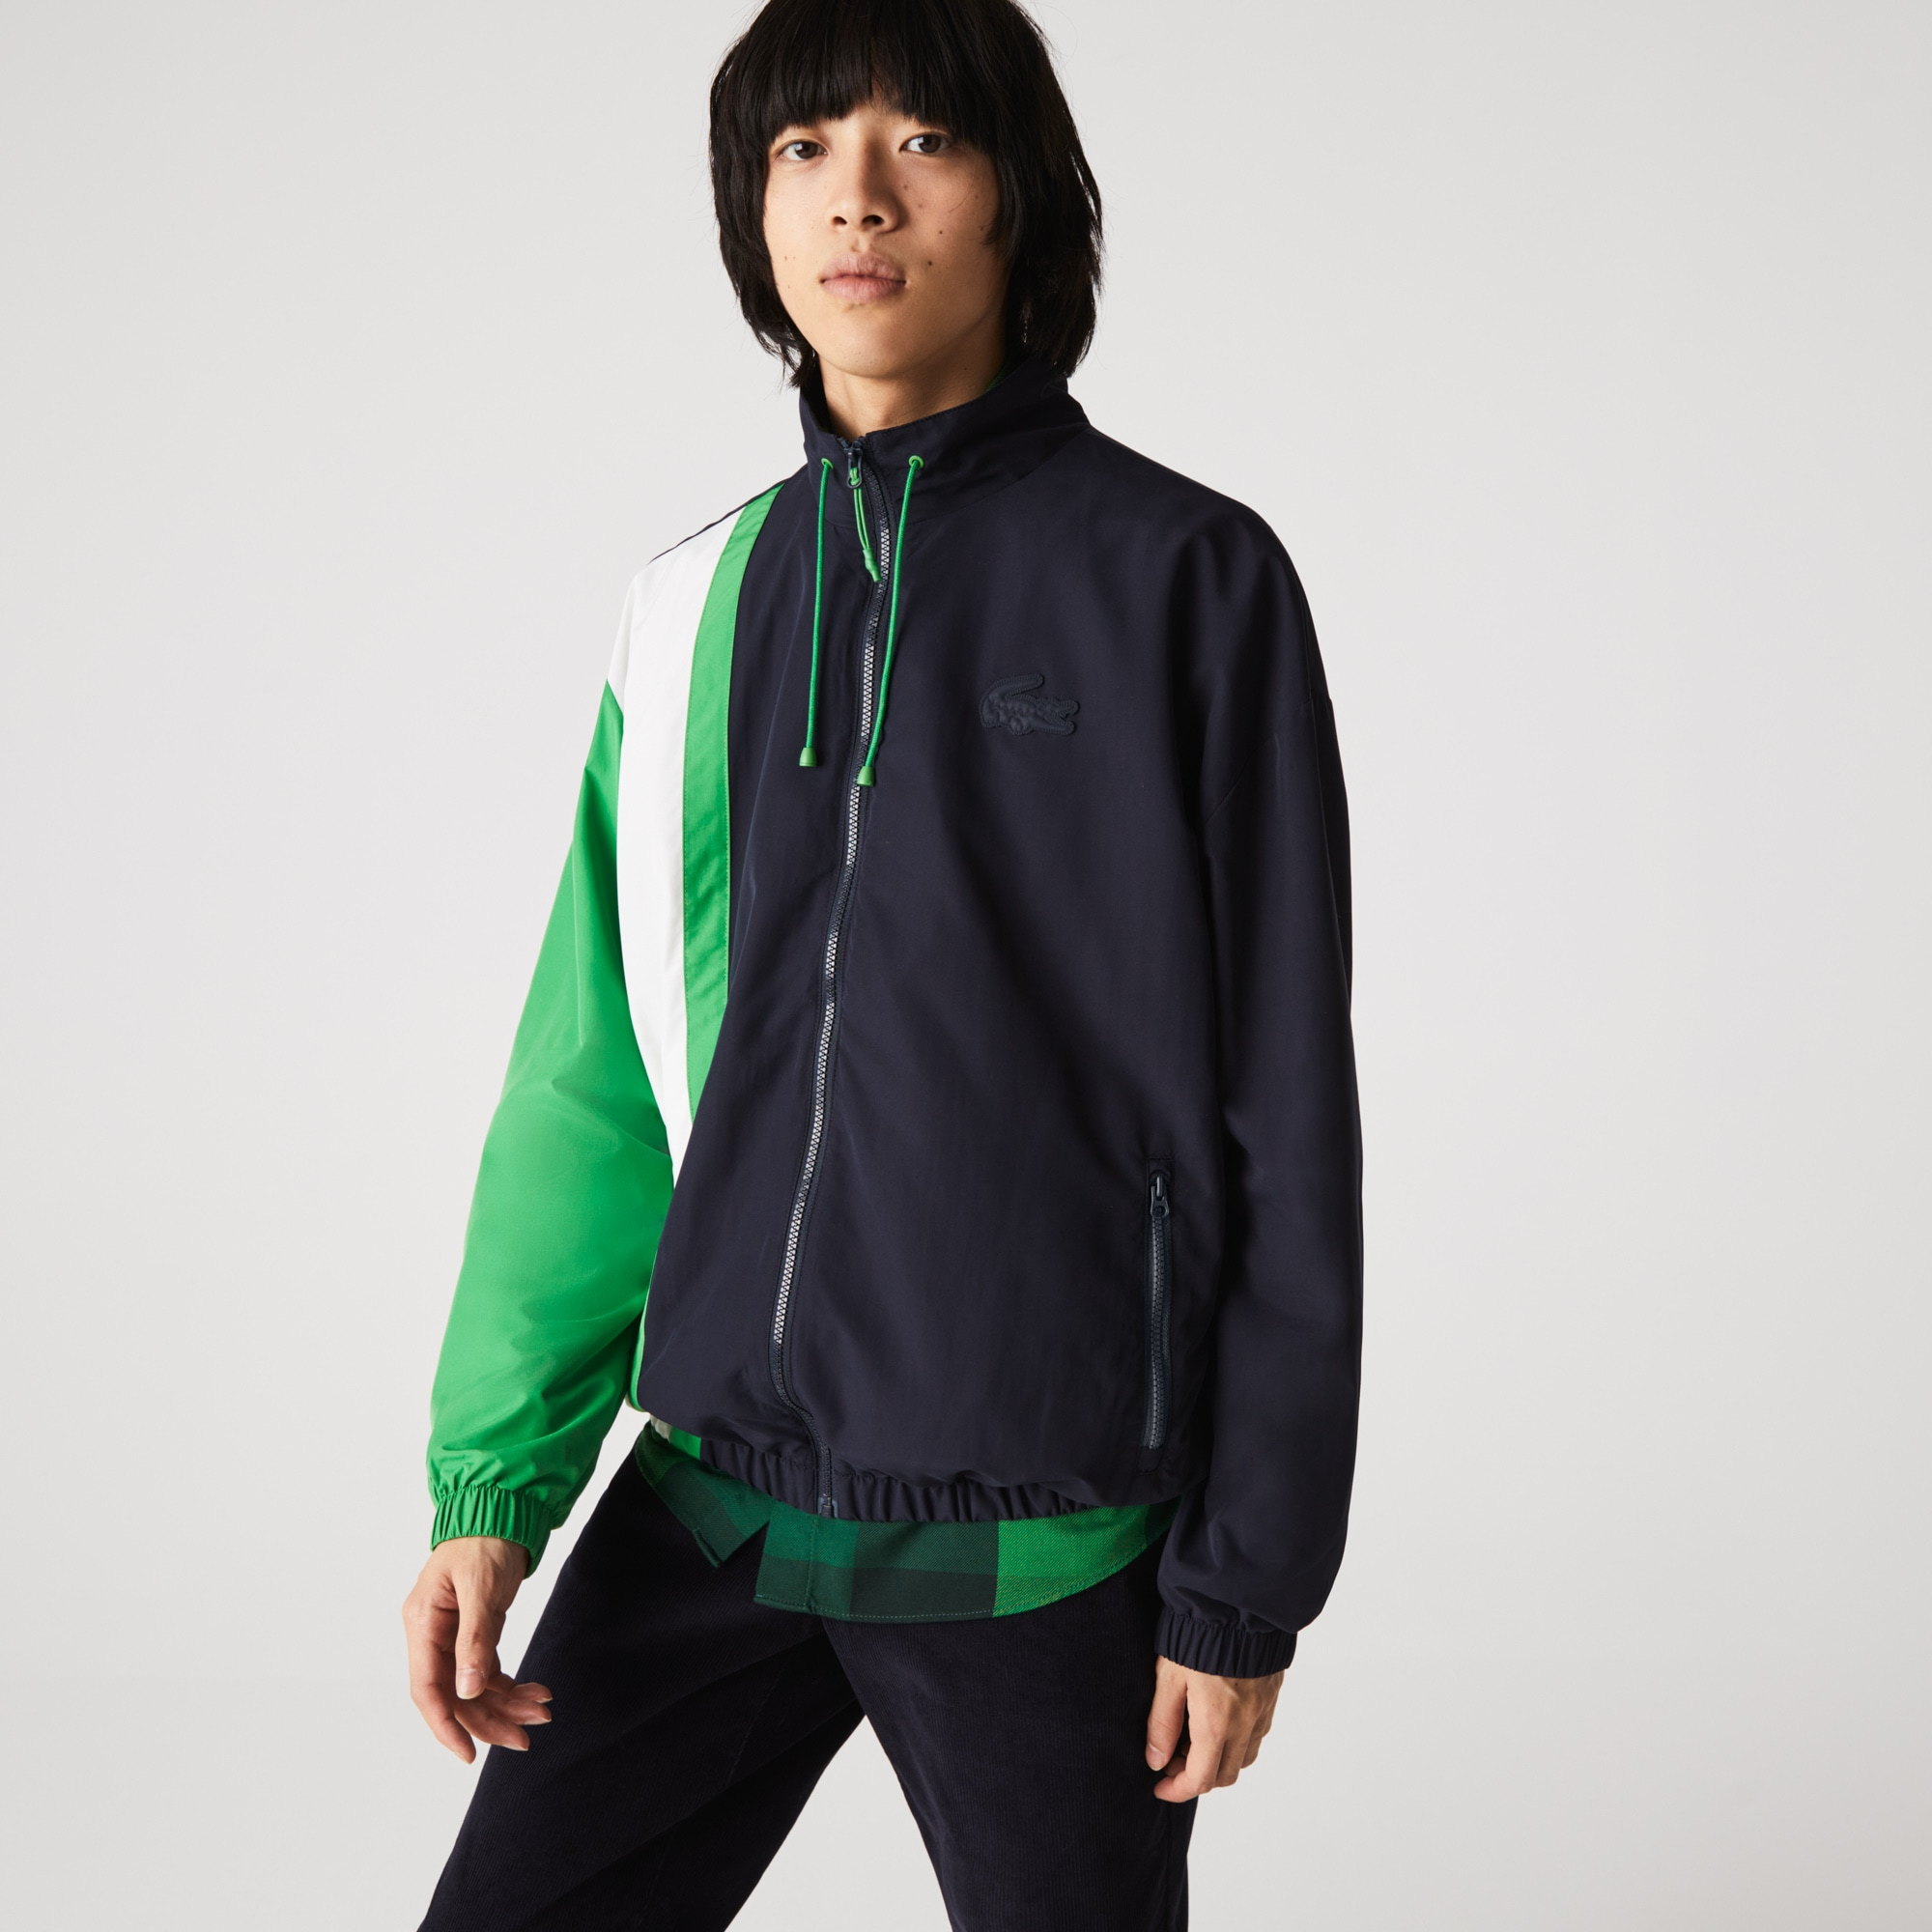 라코스테 맨 경량 발수 컬러블록 자켓 Lacoste Men's Lightweight Water-Resistant Colorblock Zip Jacket